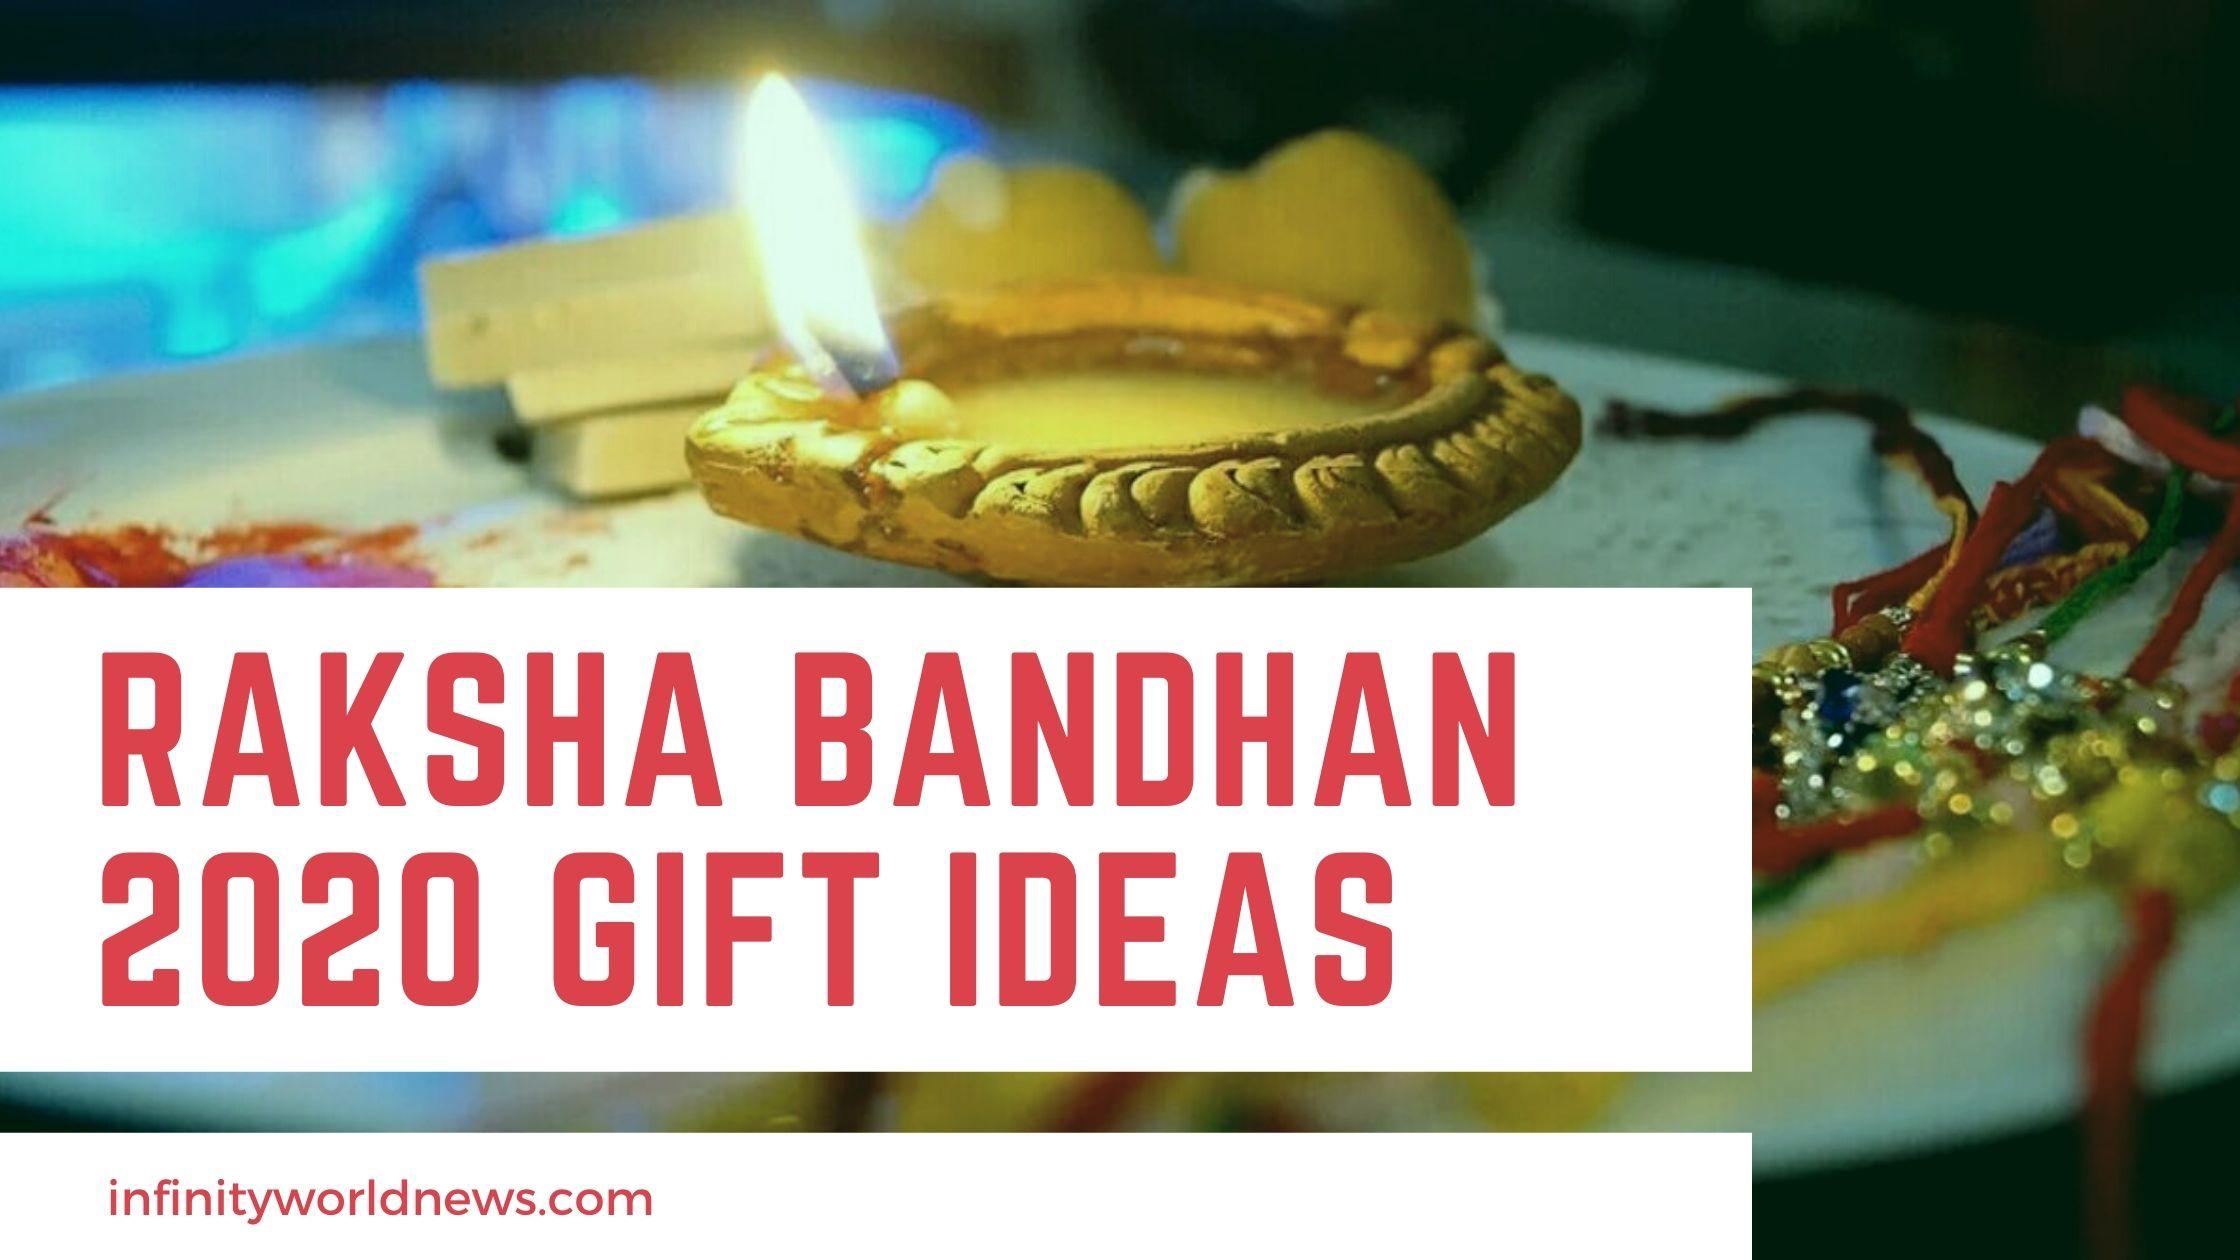 Raksha Bandhan 2020 Gift Ideas